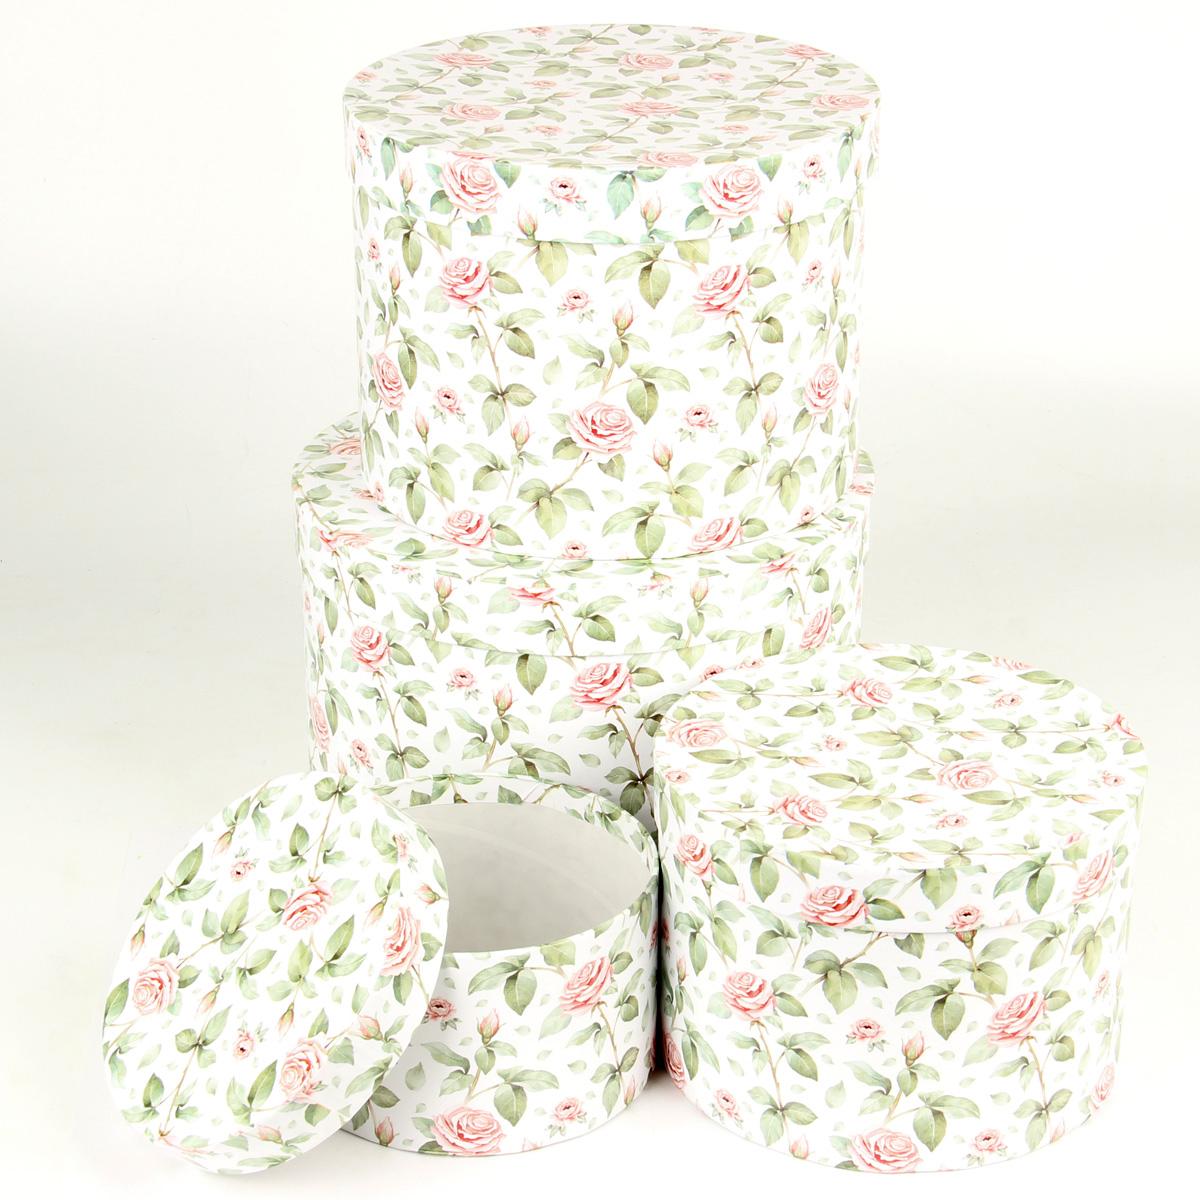 """Набор подарочных коробок Veld-Co """"Чайные розы"""", круглые, цвет: белый, 4 шт. 67668"""